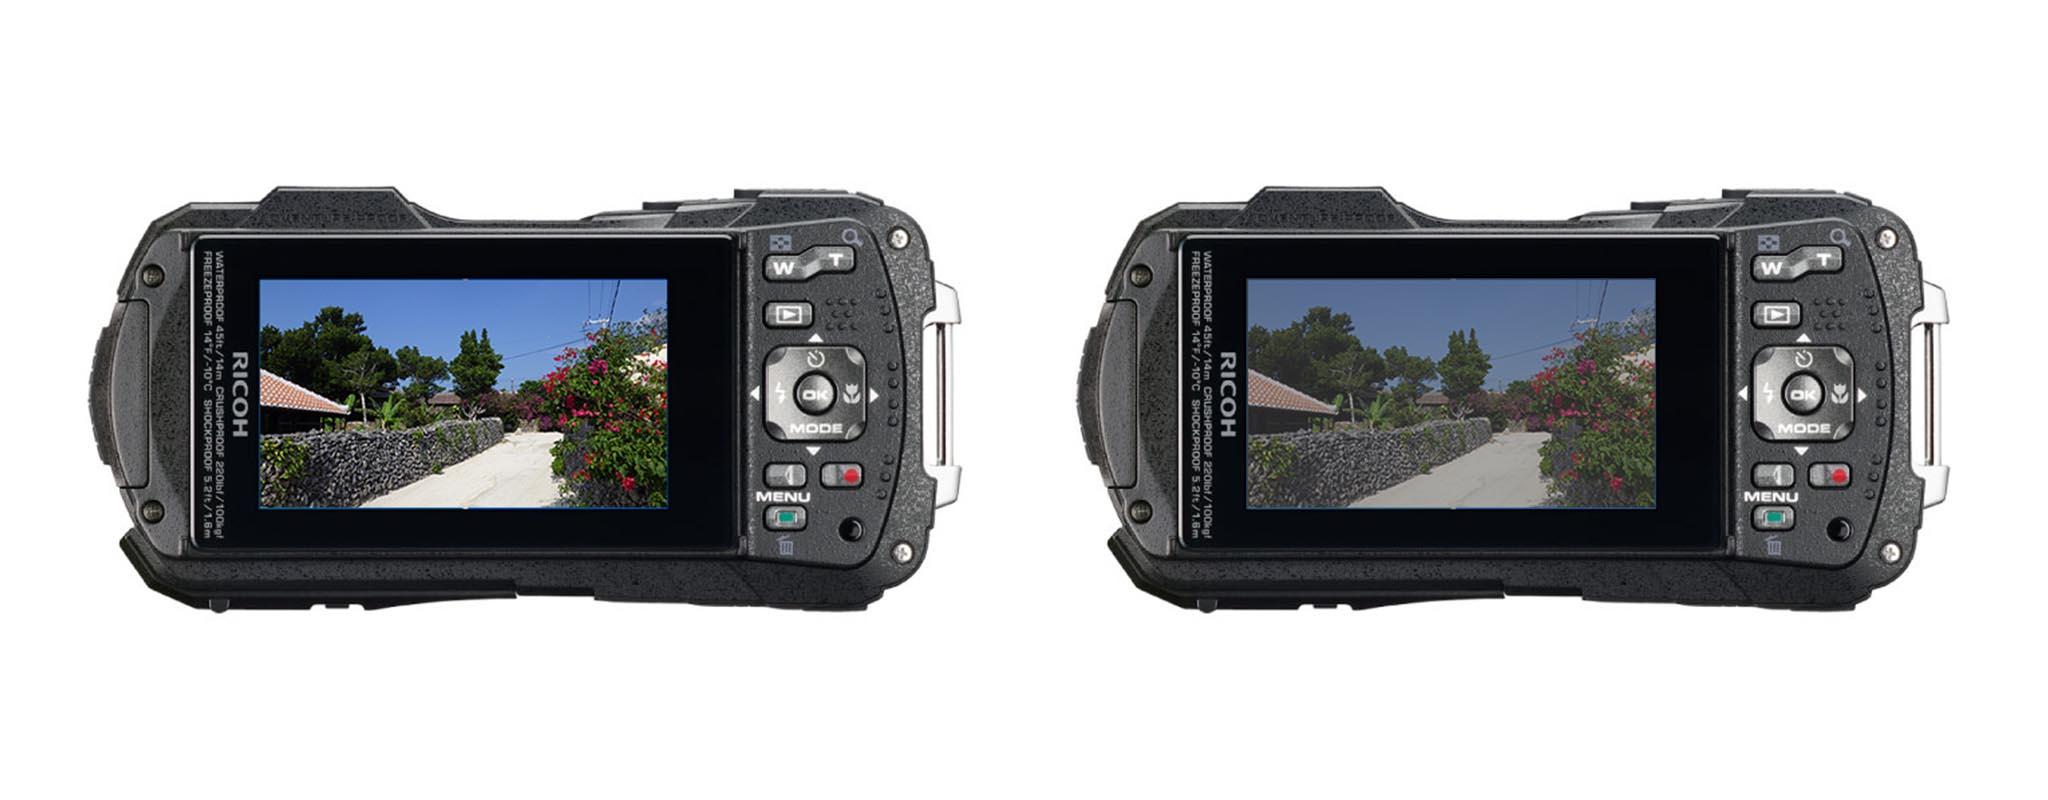 Màn hình máy ảnh chống nước Ricoh WG-70